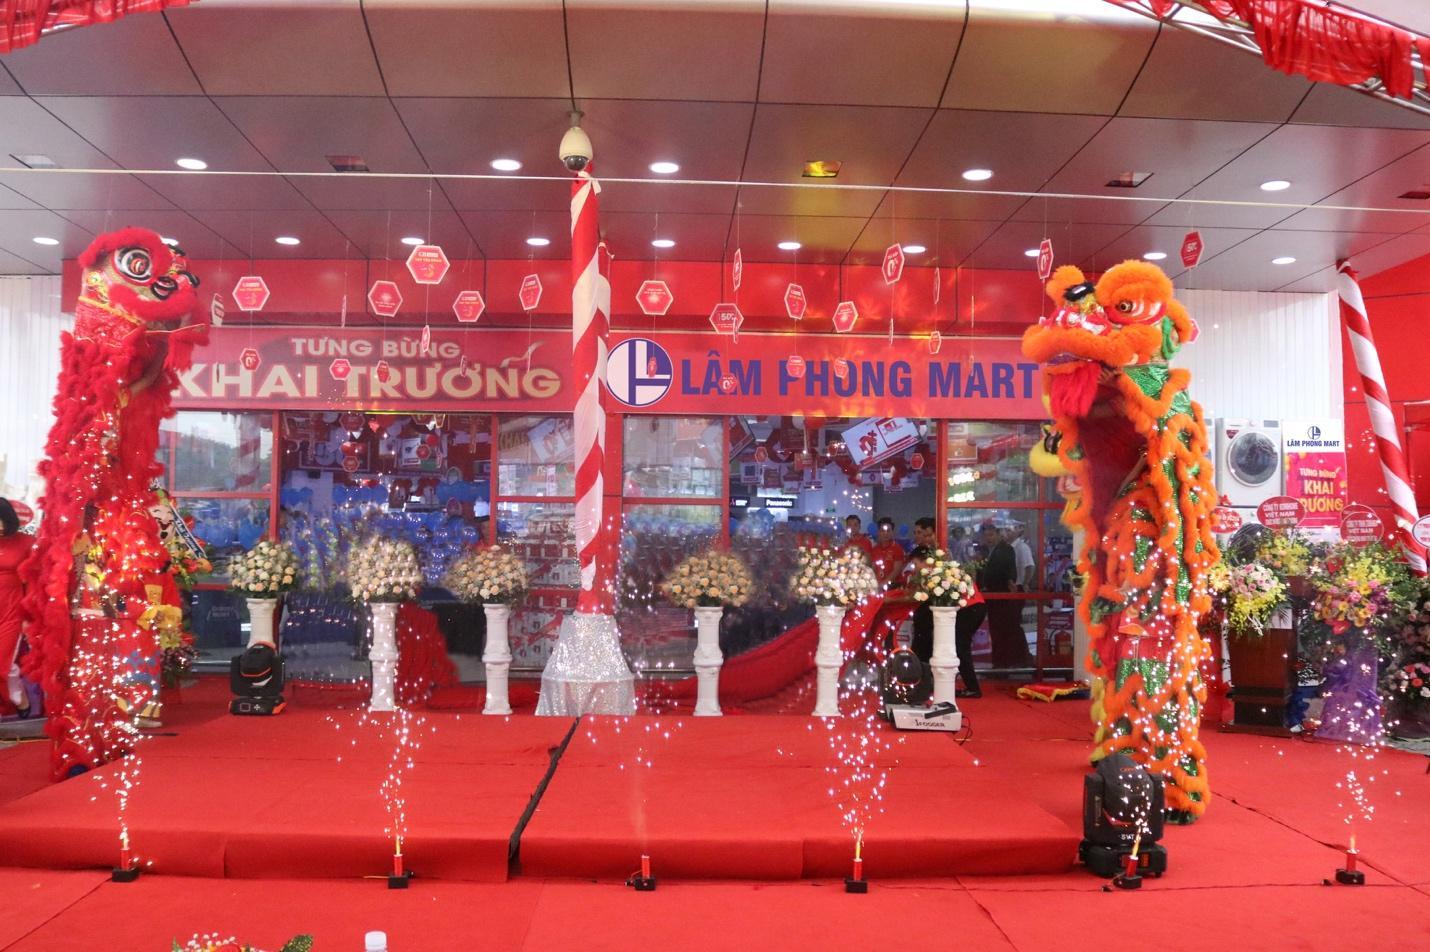 Điện máy Lâm Phong Mart – Sự thành công đến từ hai chữ chất lượng - Ảnh 1